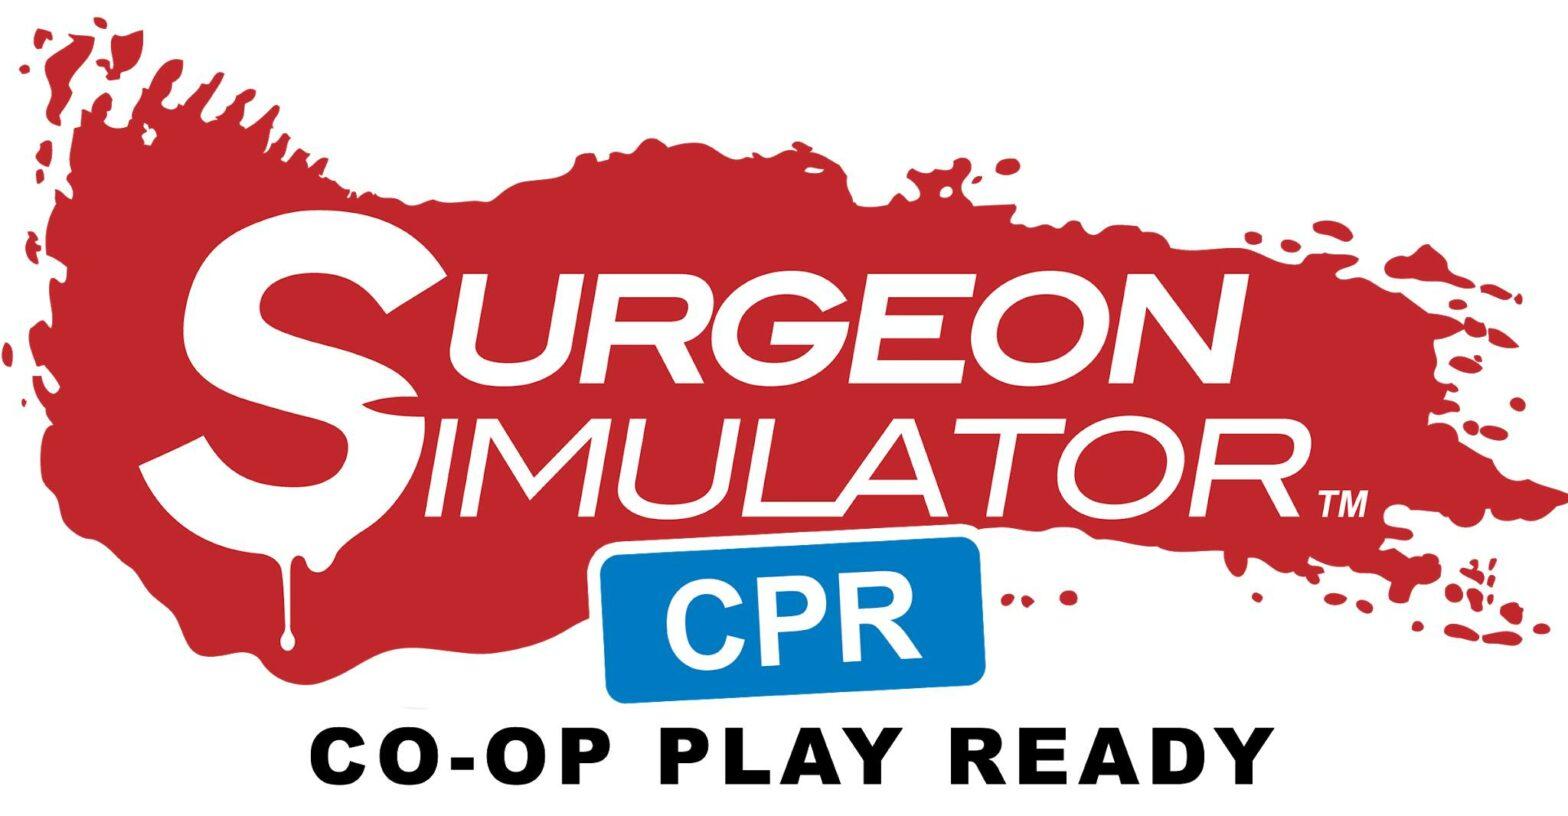 Surgeon Simulator CPR ab Herbst auf Switch